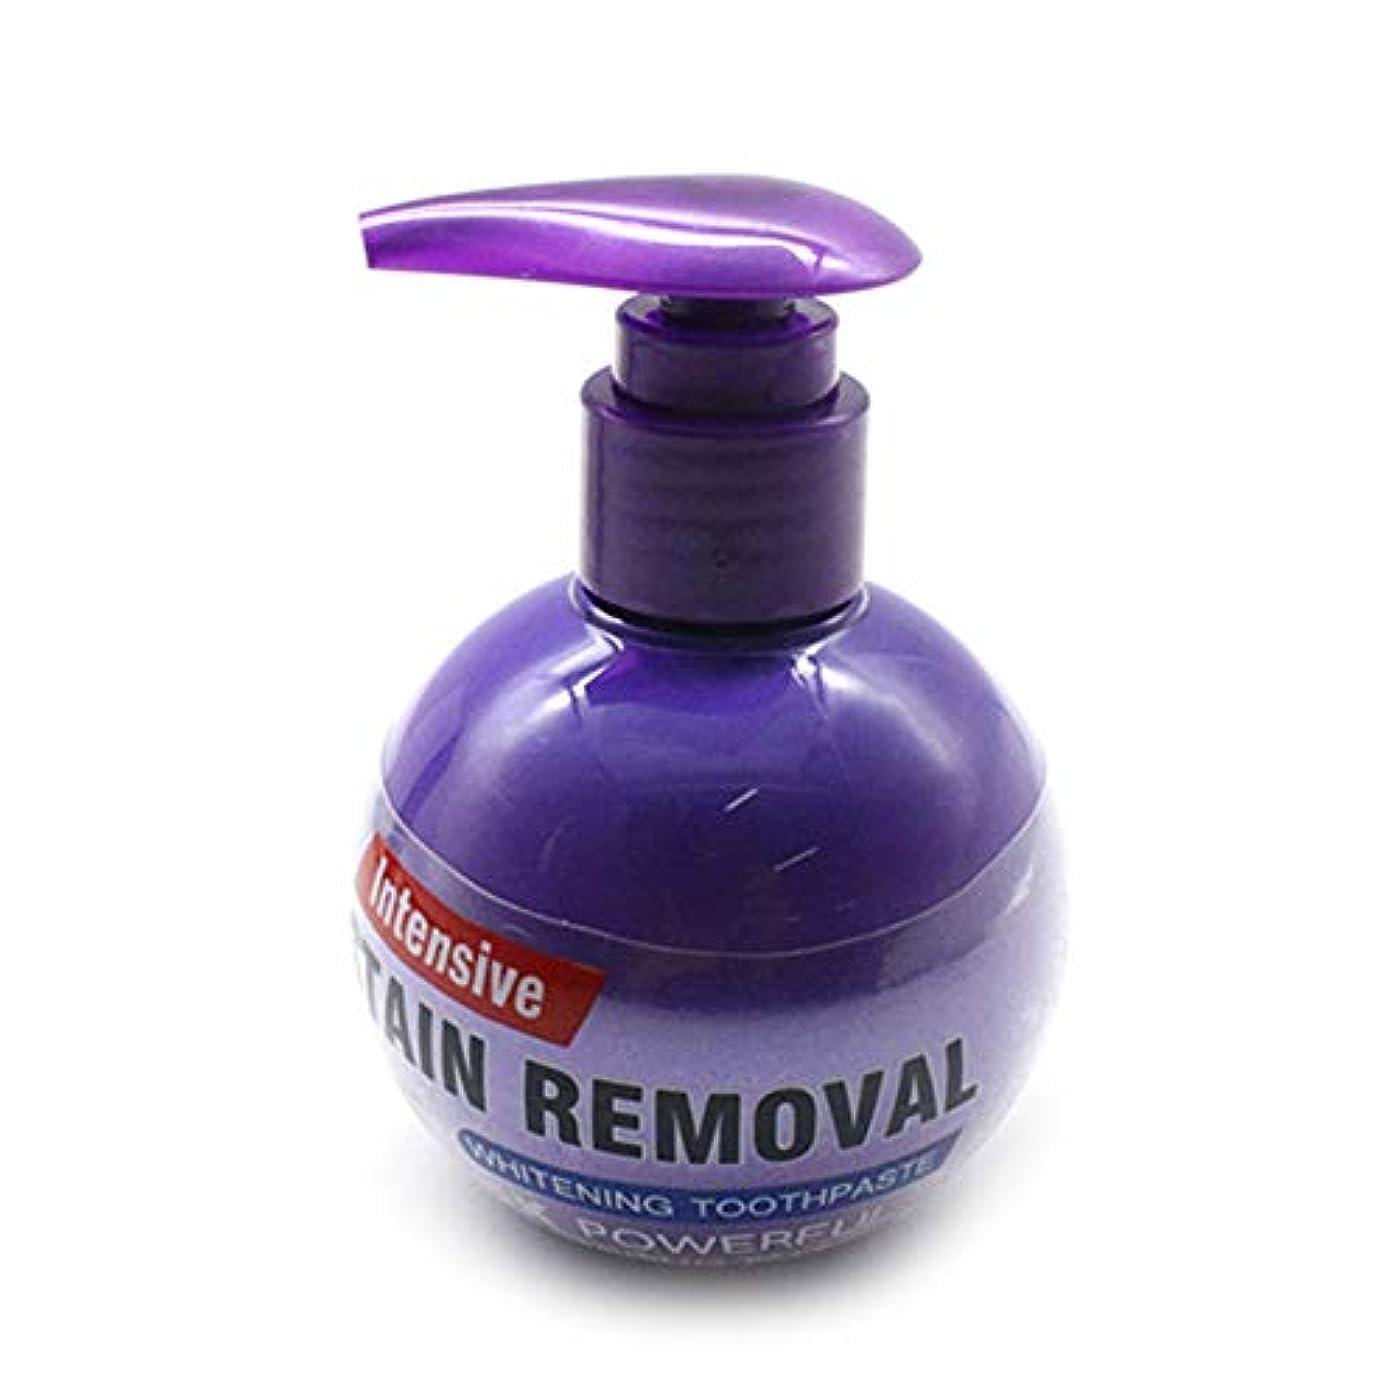 レイアウト所属反響するBeaurtty強力な洗剤、新しい歯磨き粉の美白、抗出血ガム、歯磨き粉、歯